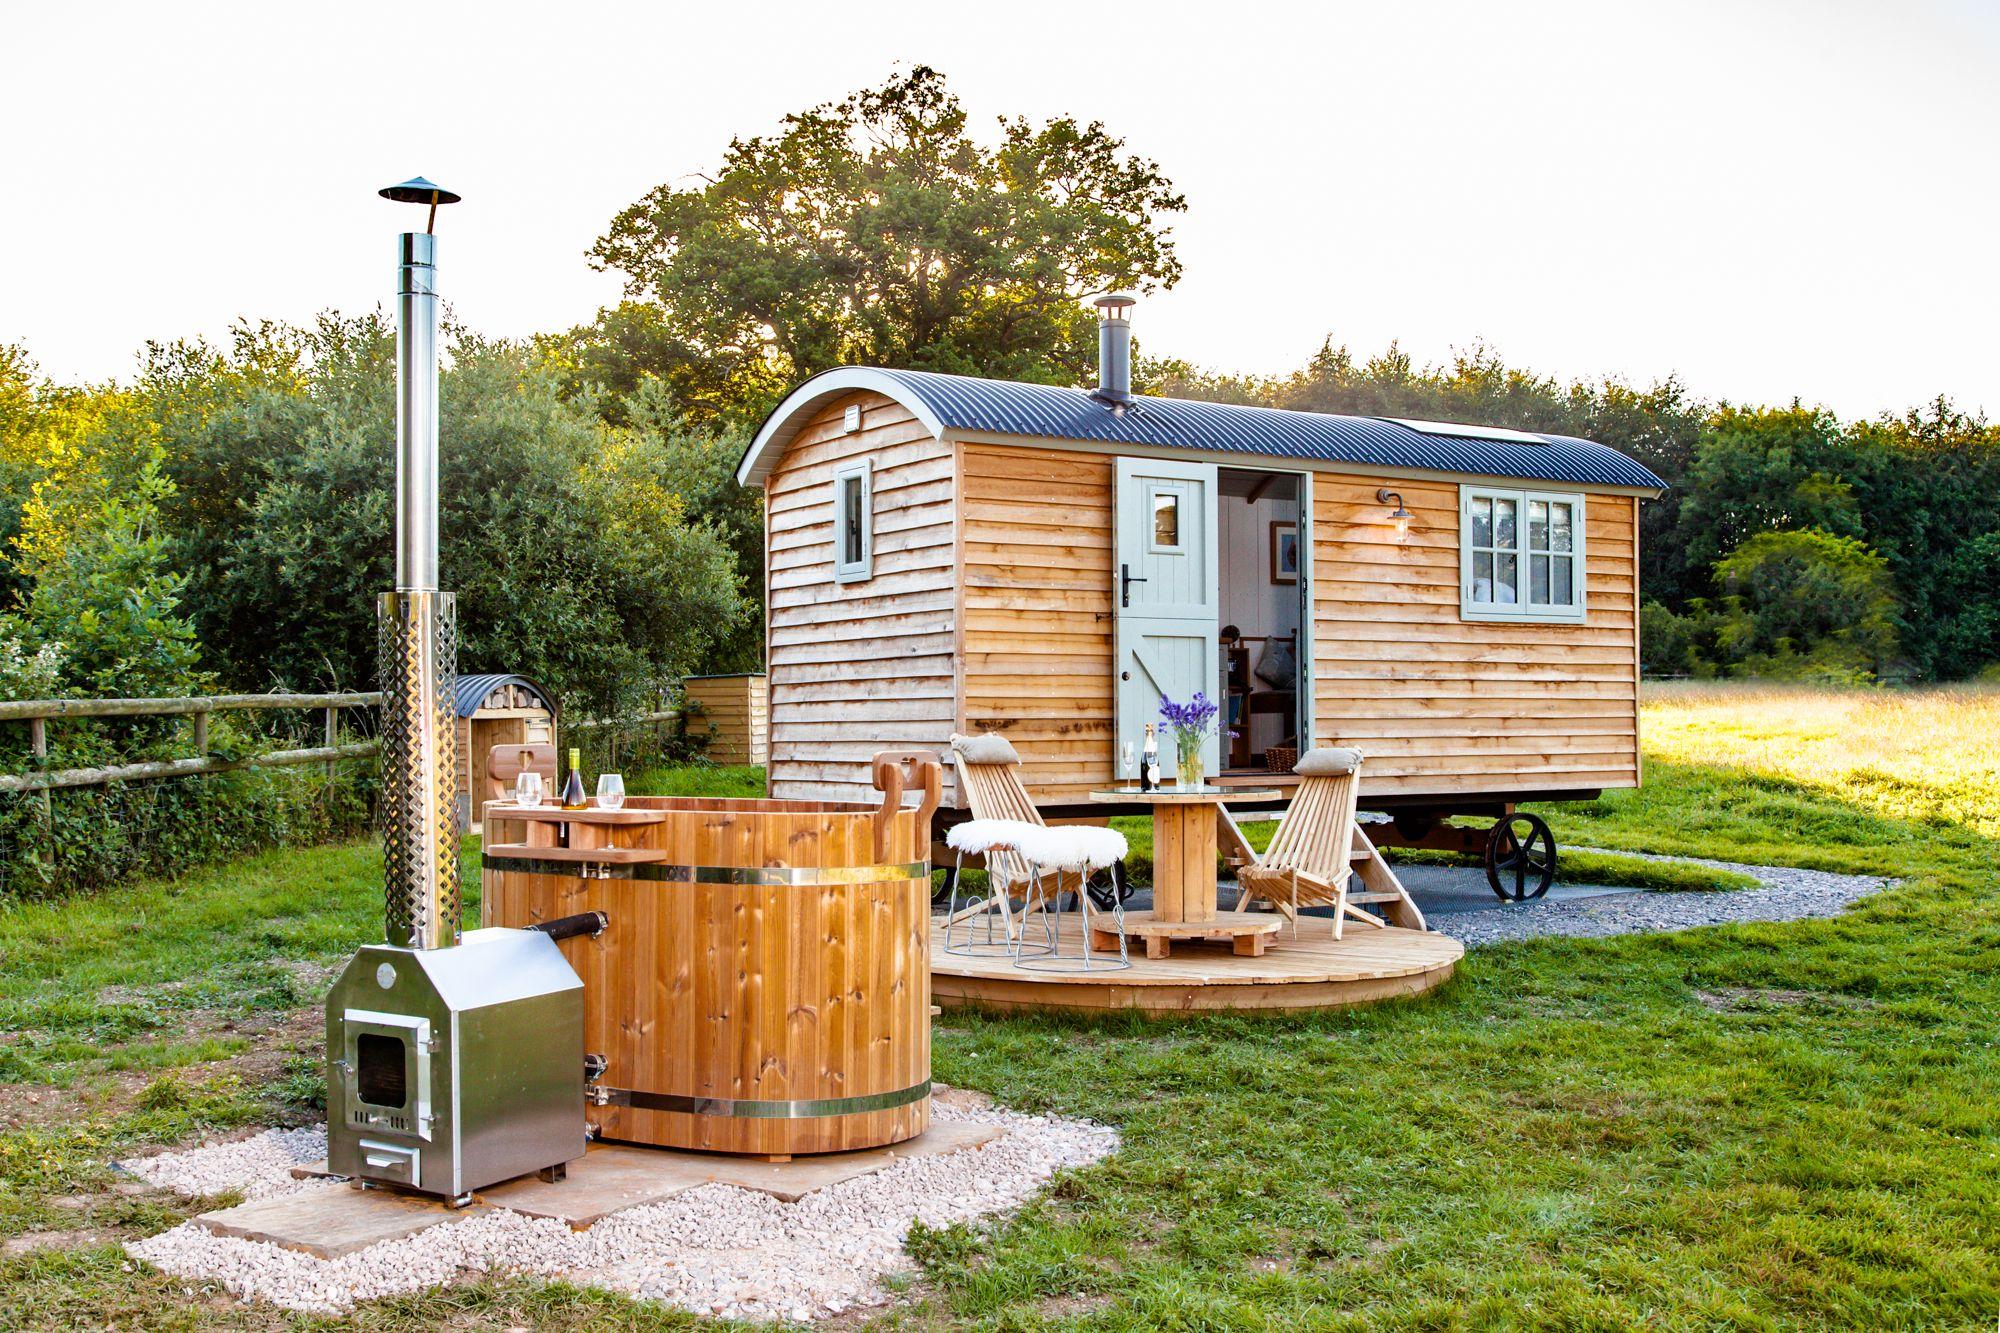 Campsites in Romsey – I Love This Campsite